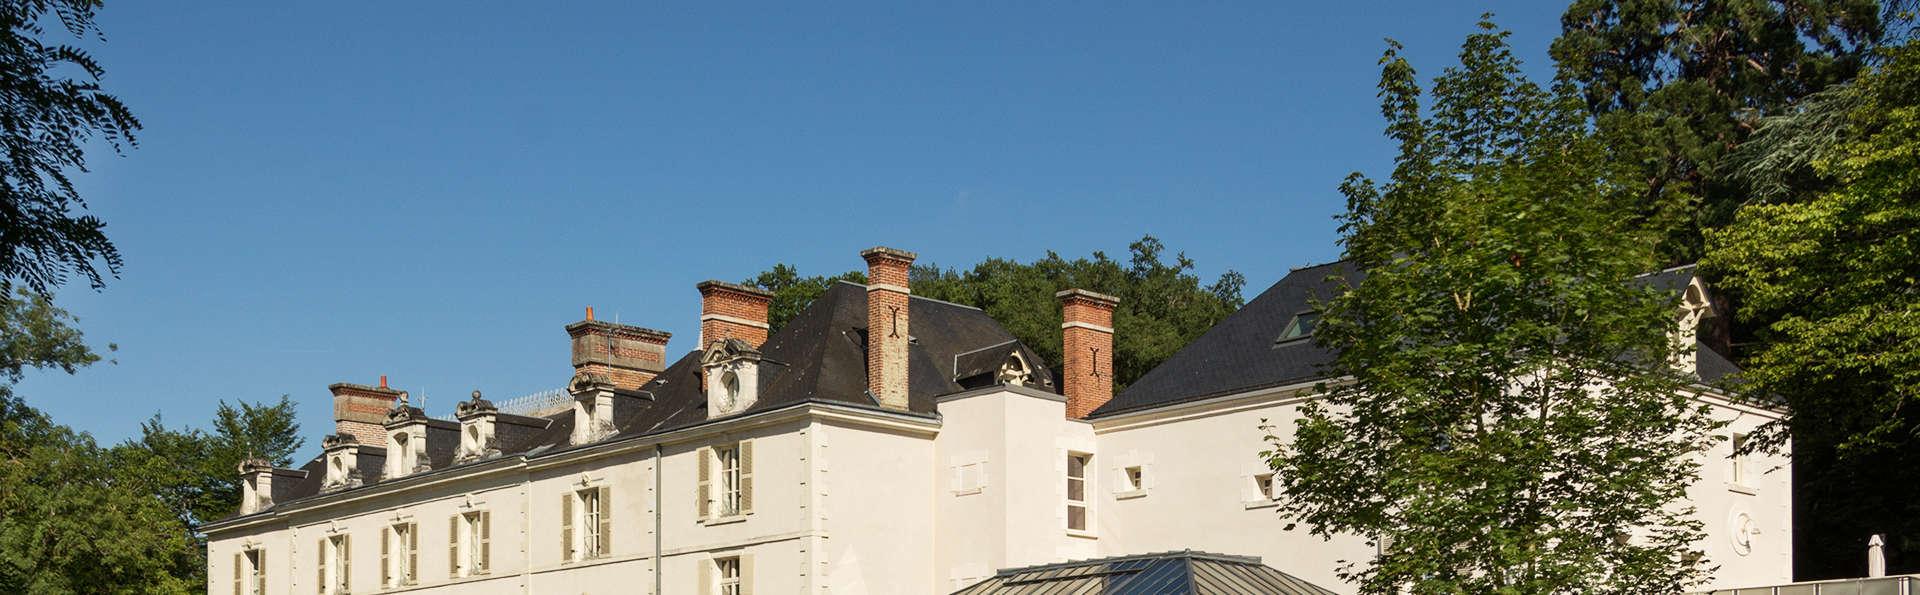 Château de La Rozelle - EDIT_NEW_front1.jpg